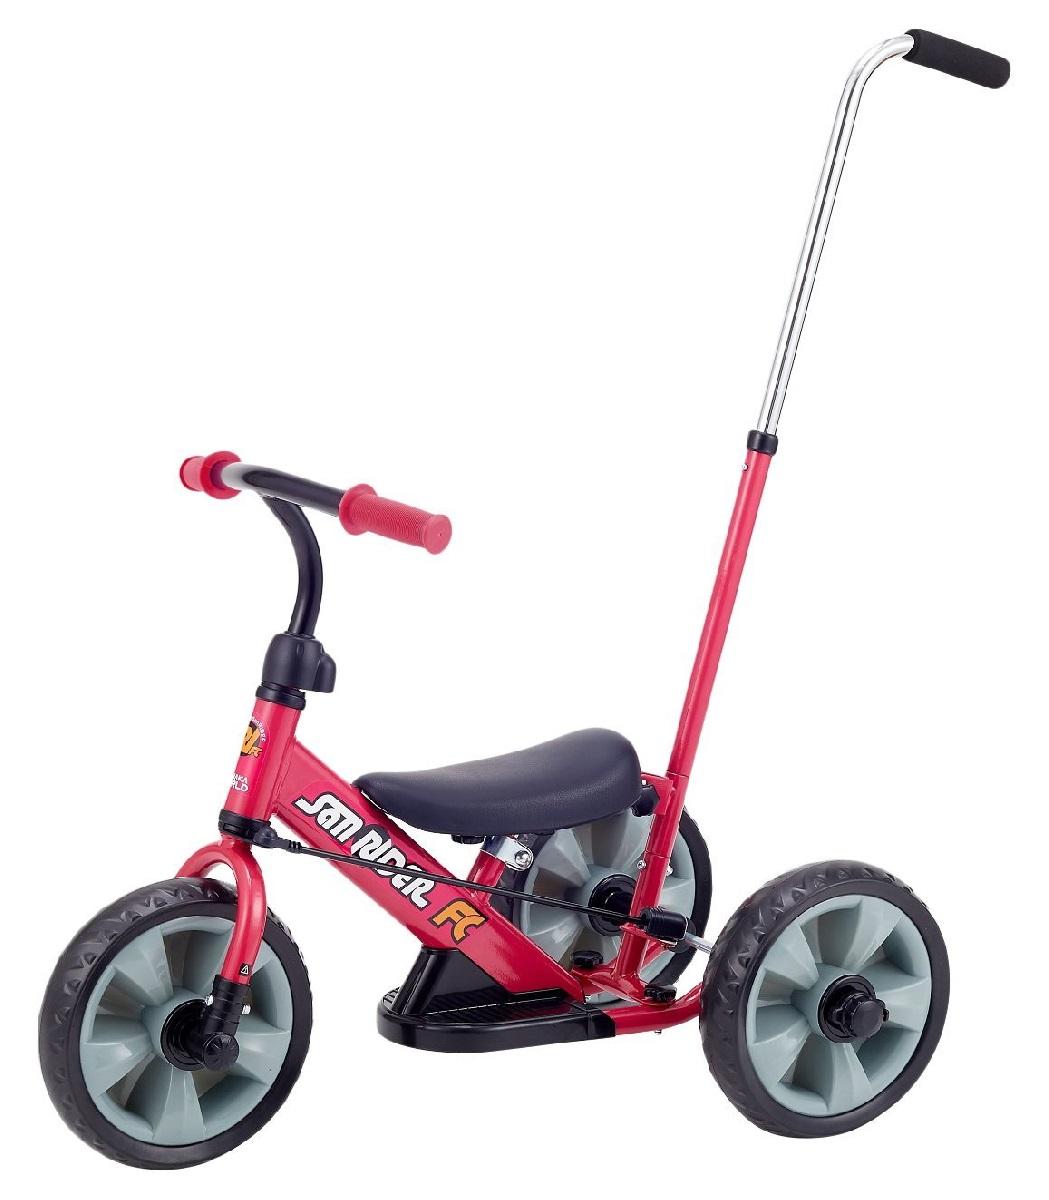 【ワールド】へんしん!サンライダーFC(3391 ローズピンク) 三輪車/おもちゃ/バースデープレゼント